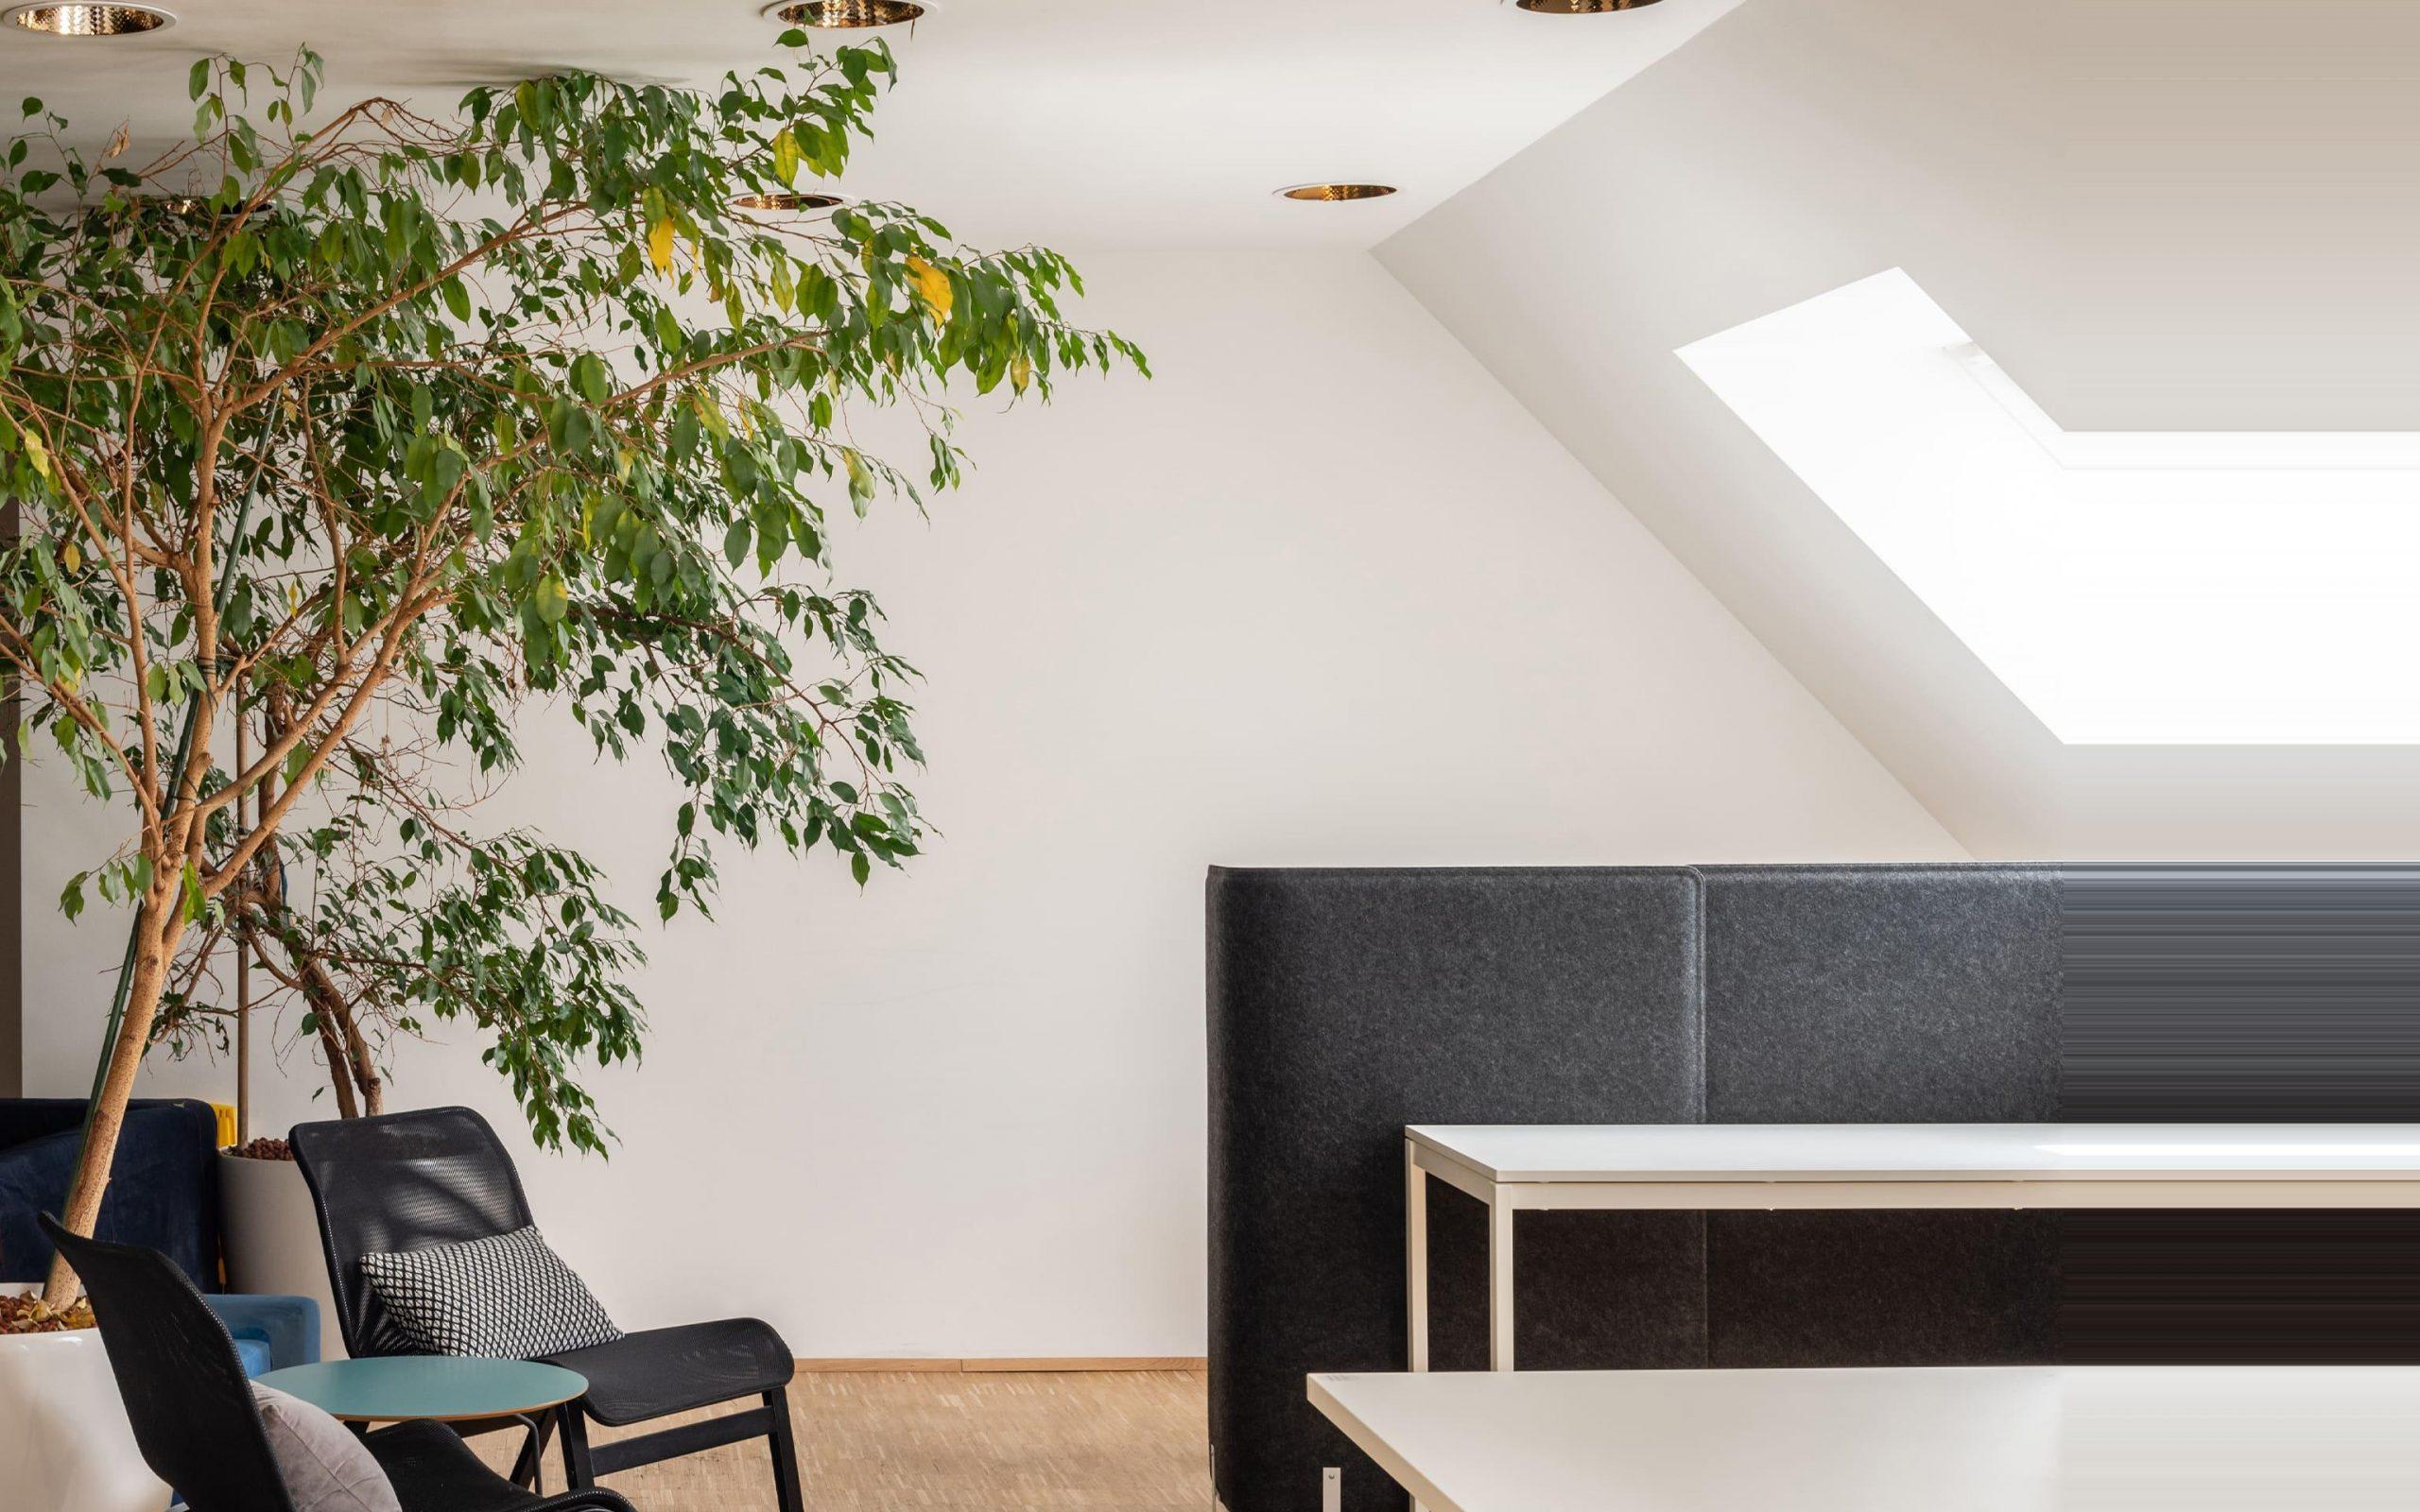 Zwei Stühle unter einer Palma in unserer Digital Agentur um jeden Kontakt und Kunden zu empfangen